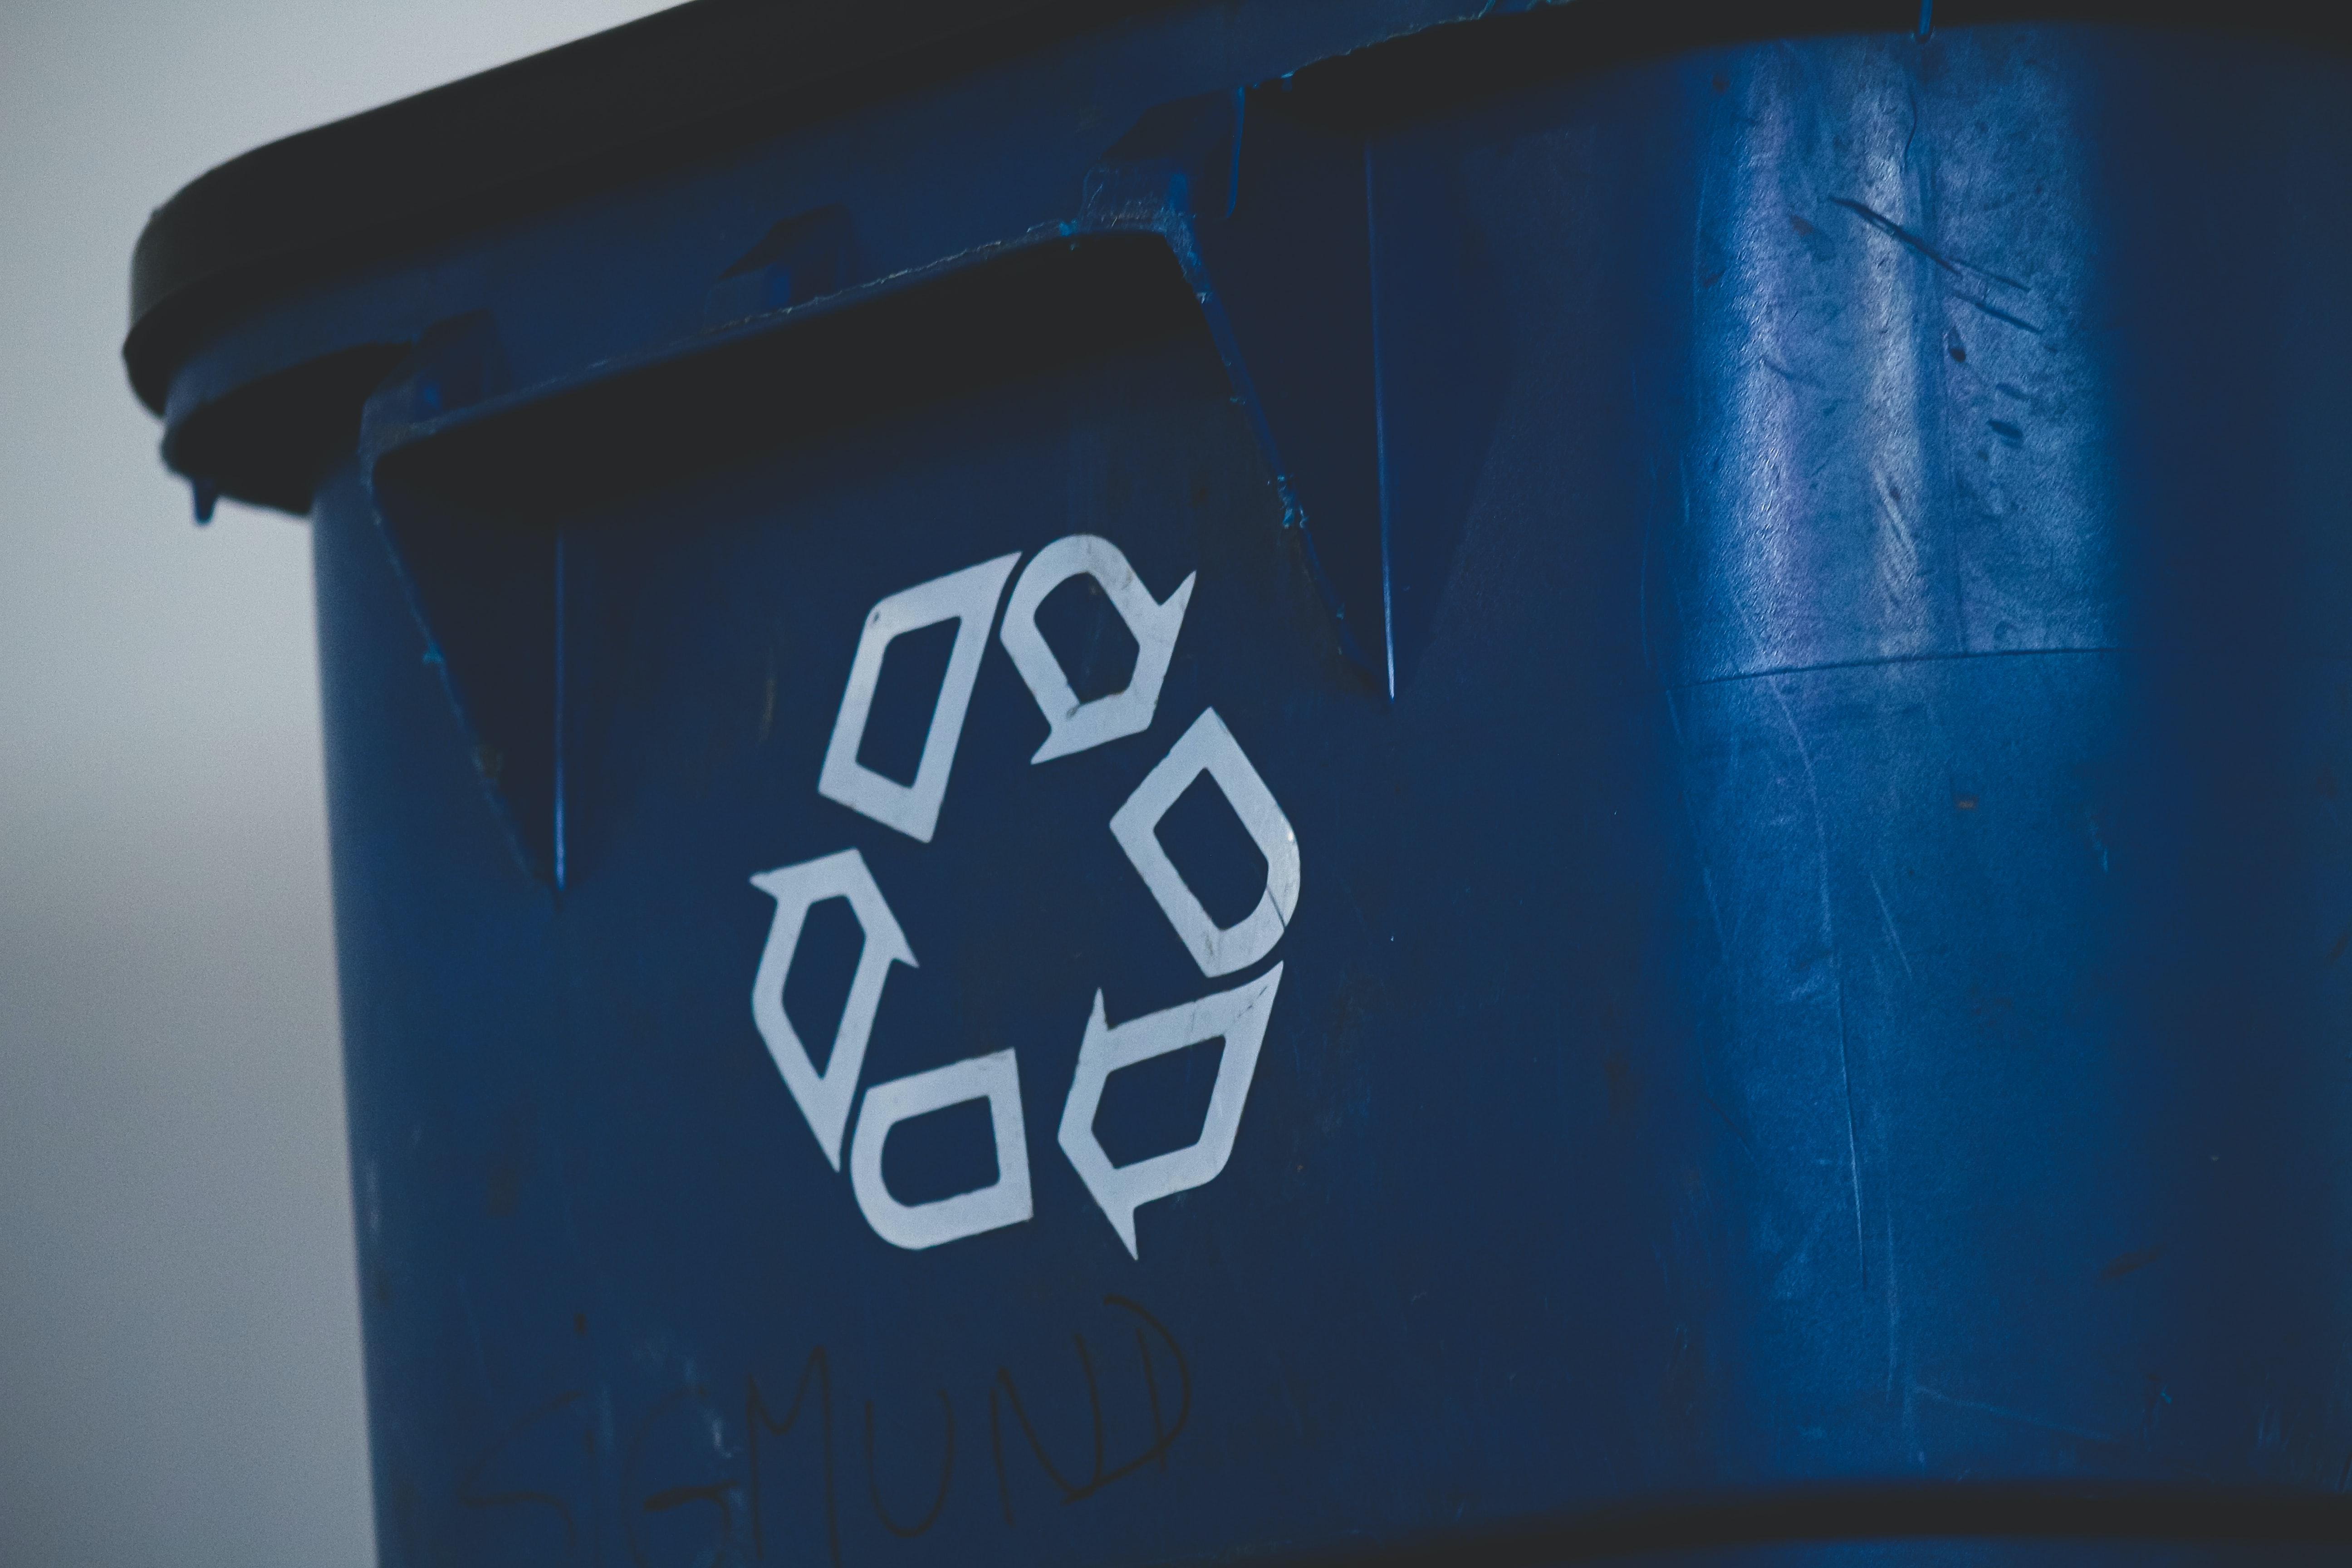 איך עובד garbage collection